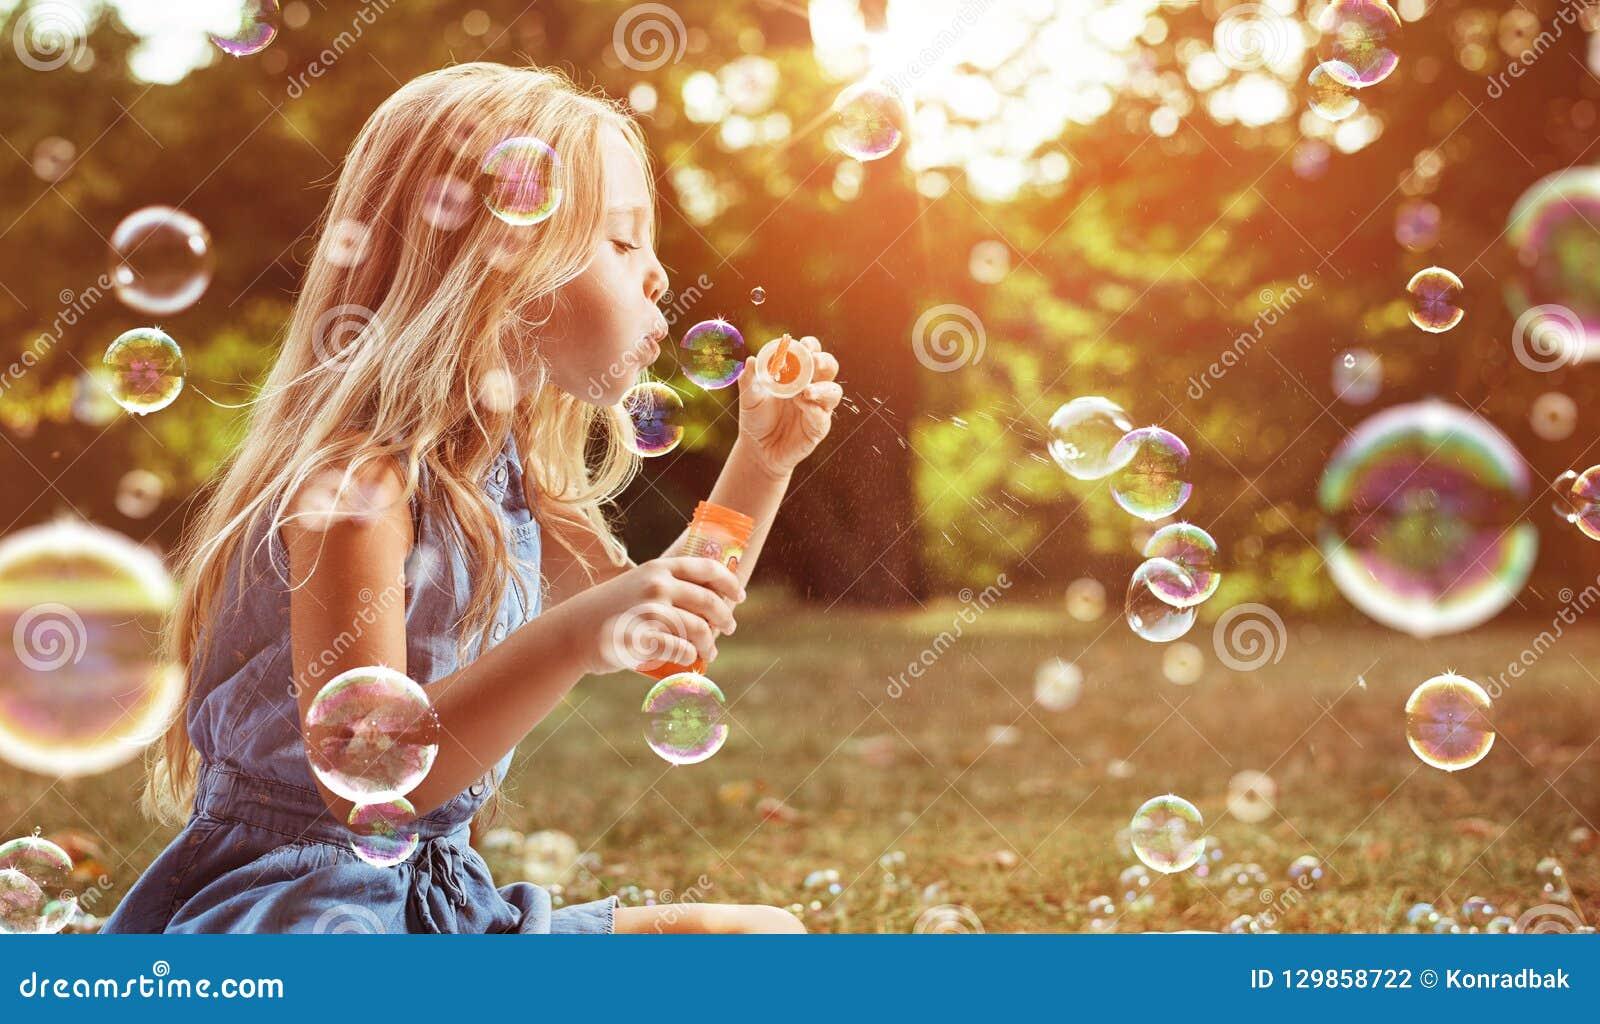 Portret rozochocona dziewczyna dmucha mydlanych bąble